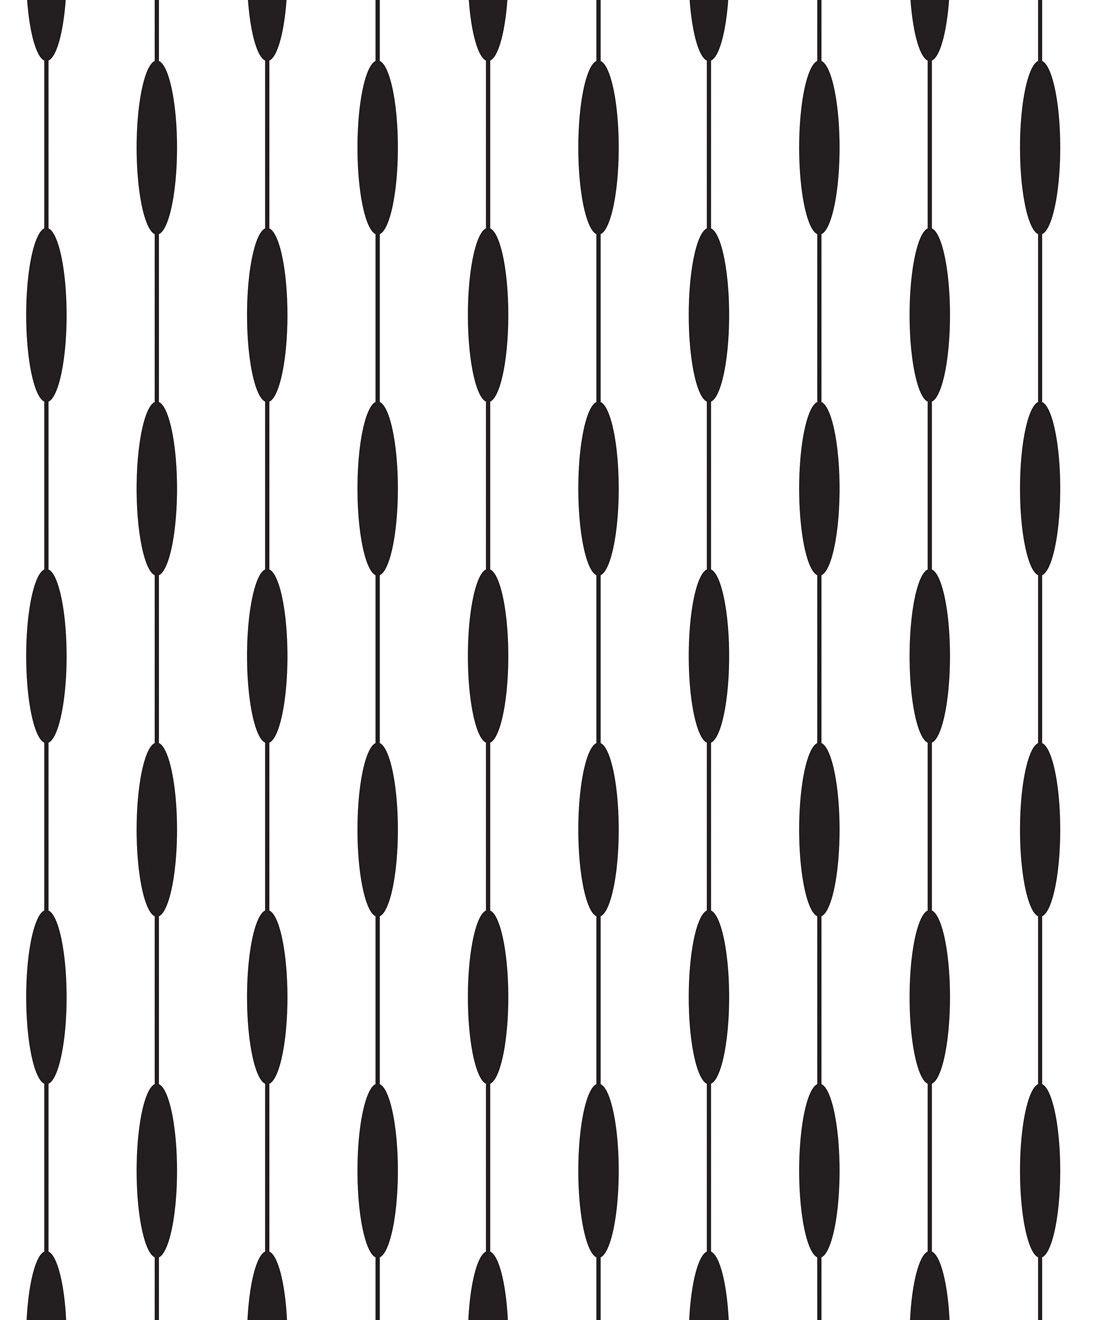 Bowline Wallpaper • Geometric Wallpaper • Striped Wallpaper • Black & White Wallpaper •Swatch